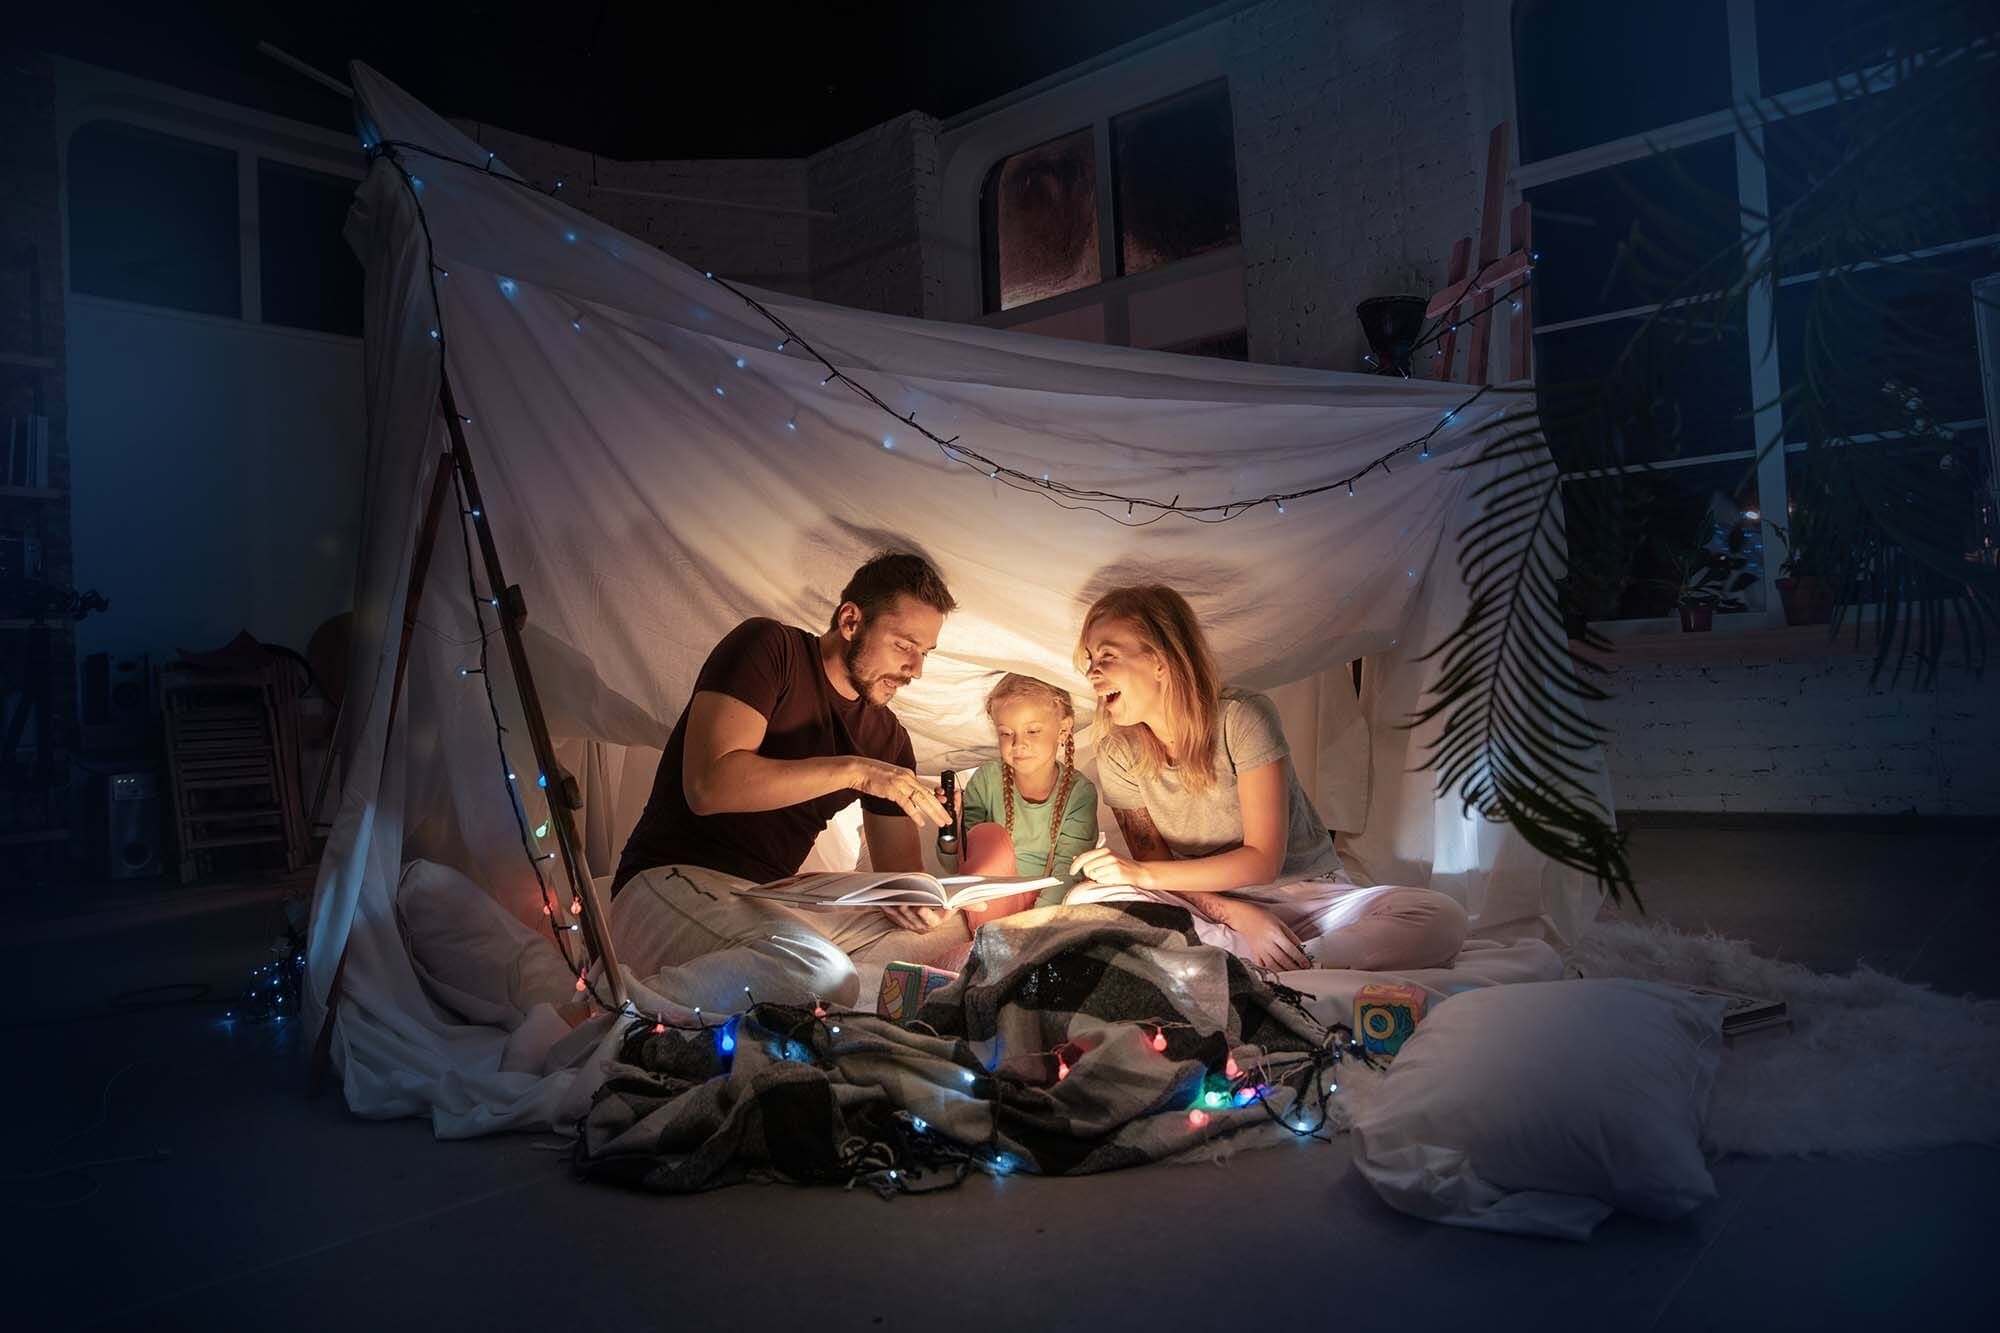 tienda de campaña en casa con la familia y niños